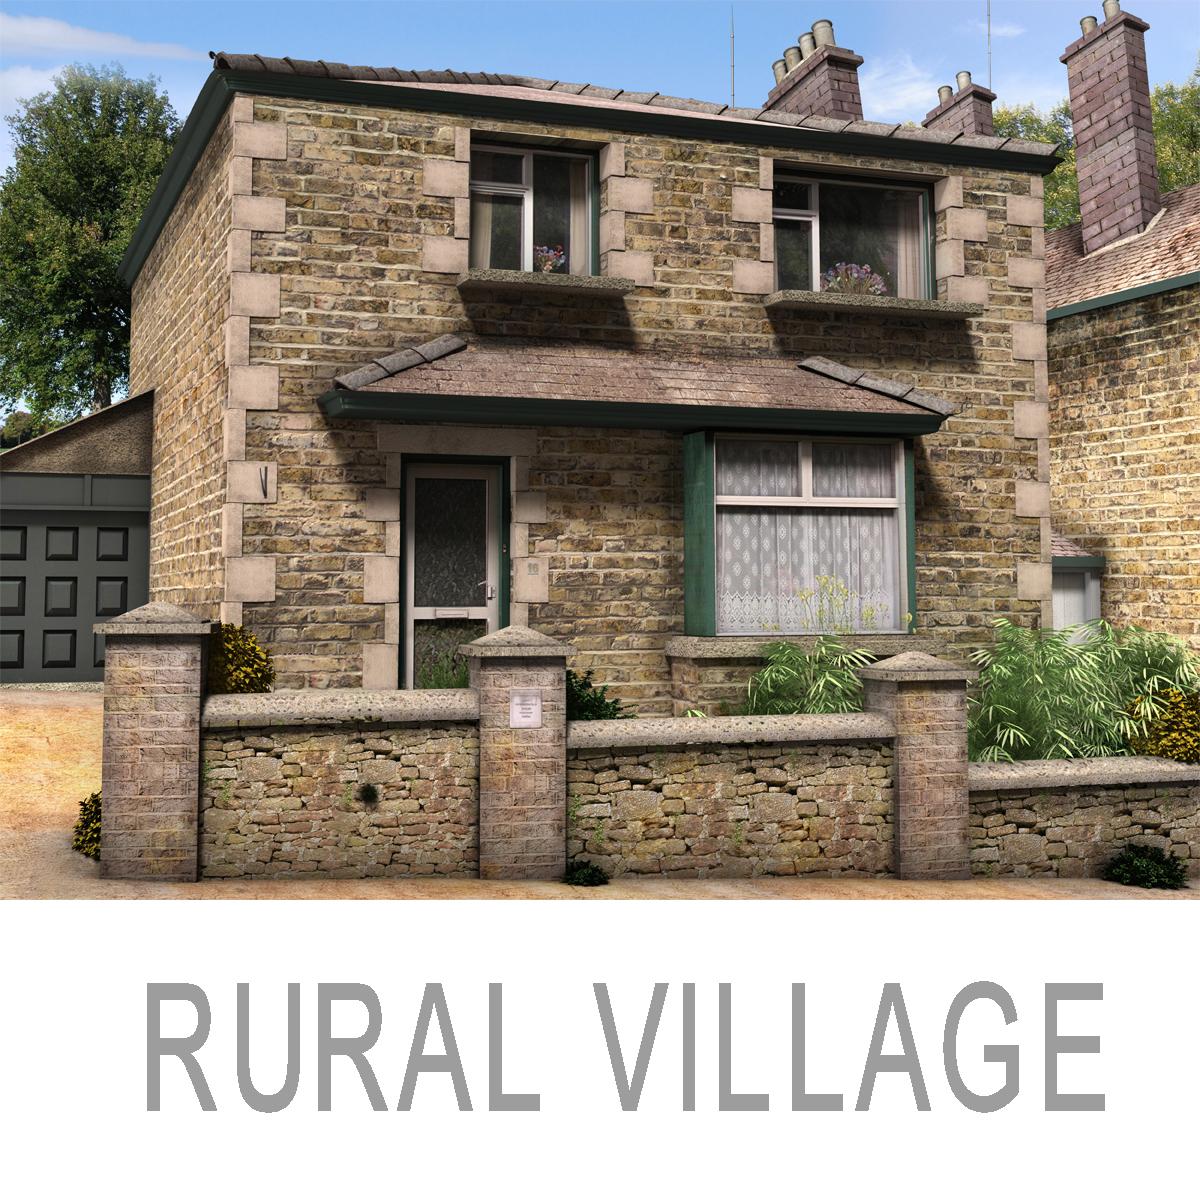 rural village 3d model max fbx c4d ma mb obj 159419